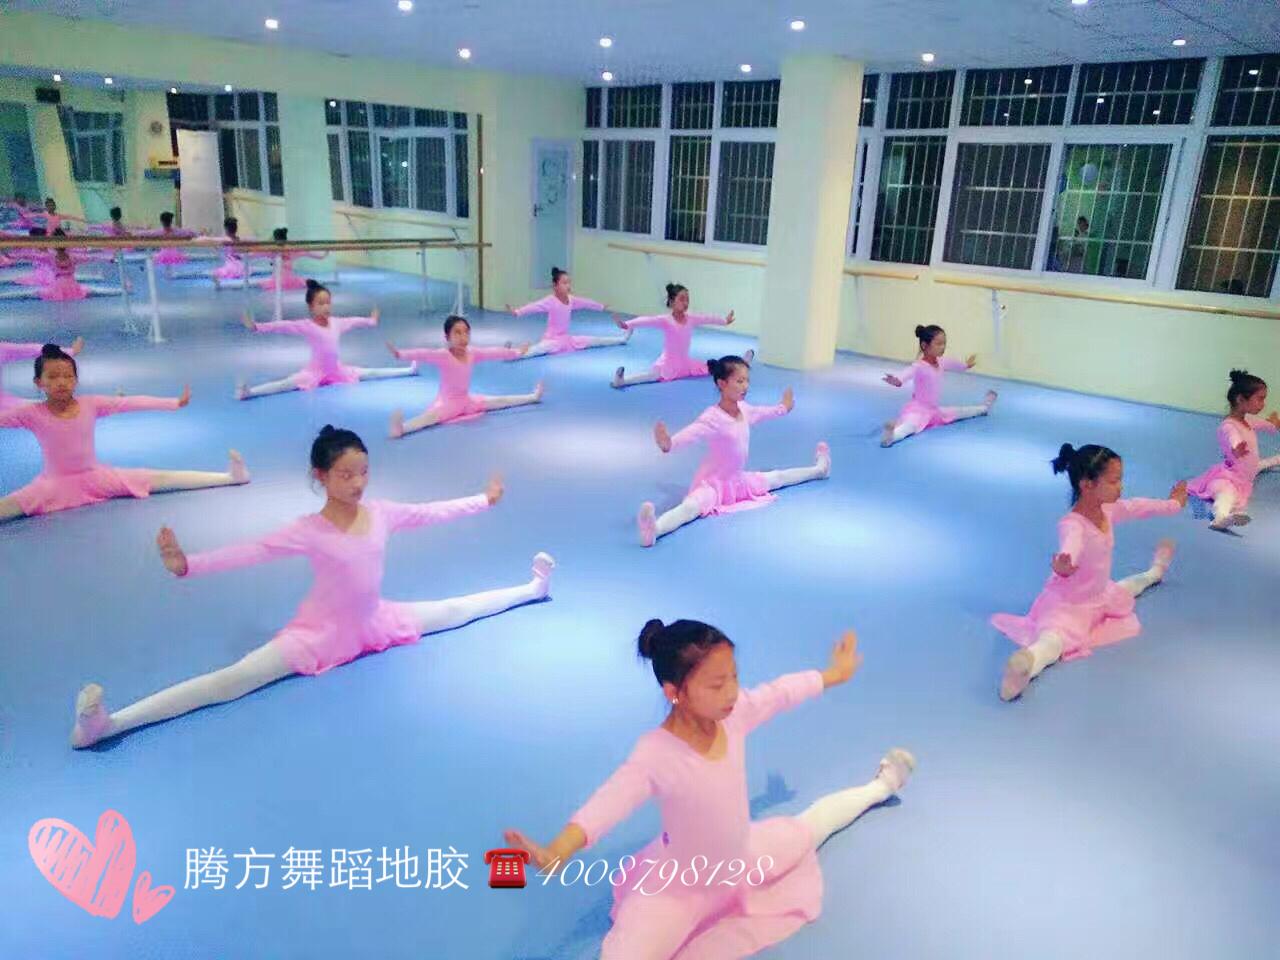 【舞蹈】金芭蕾舞蹈培训学校地胶